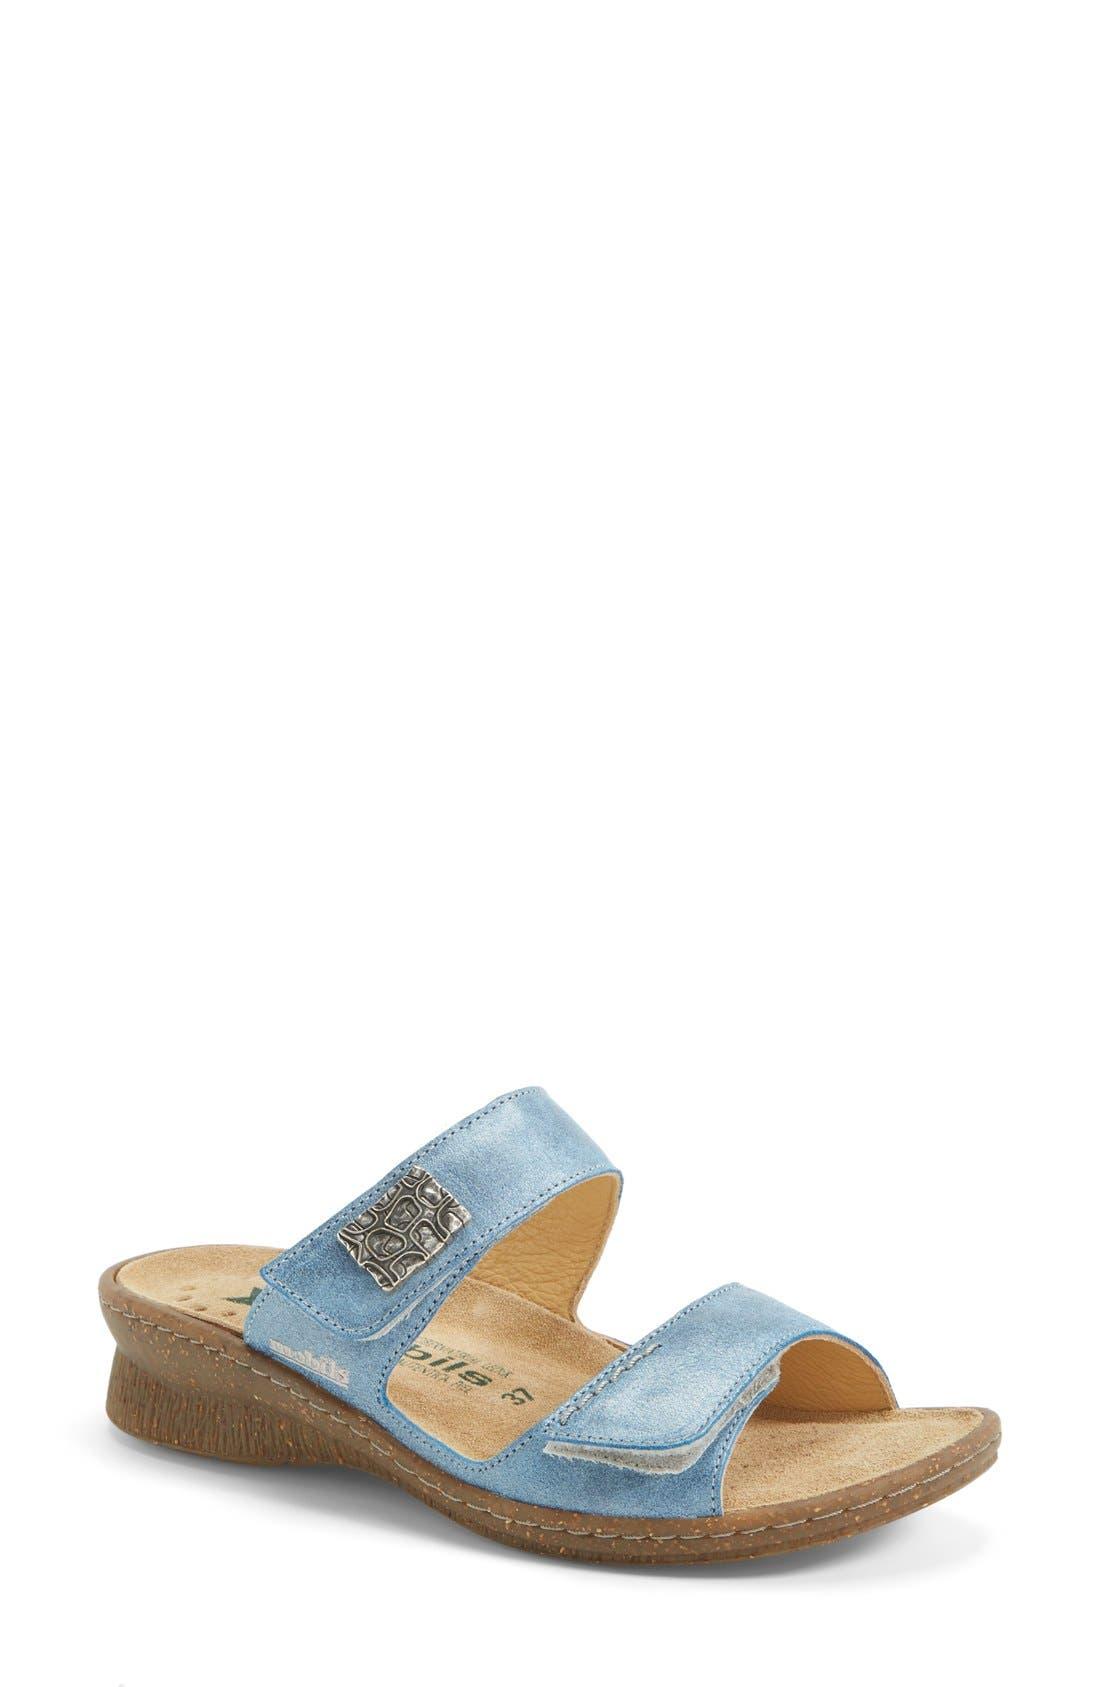 MEPHISTO Bregalia Metallic Leather Sandal